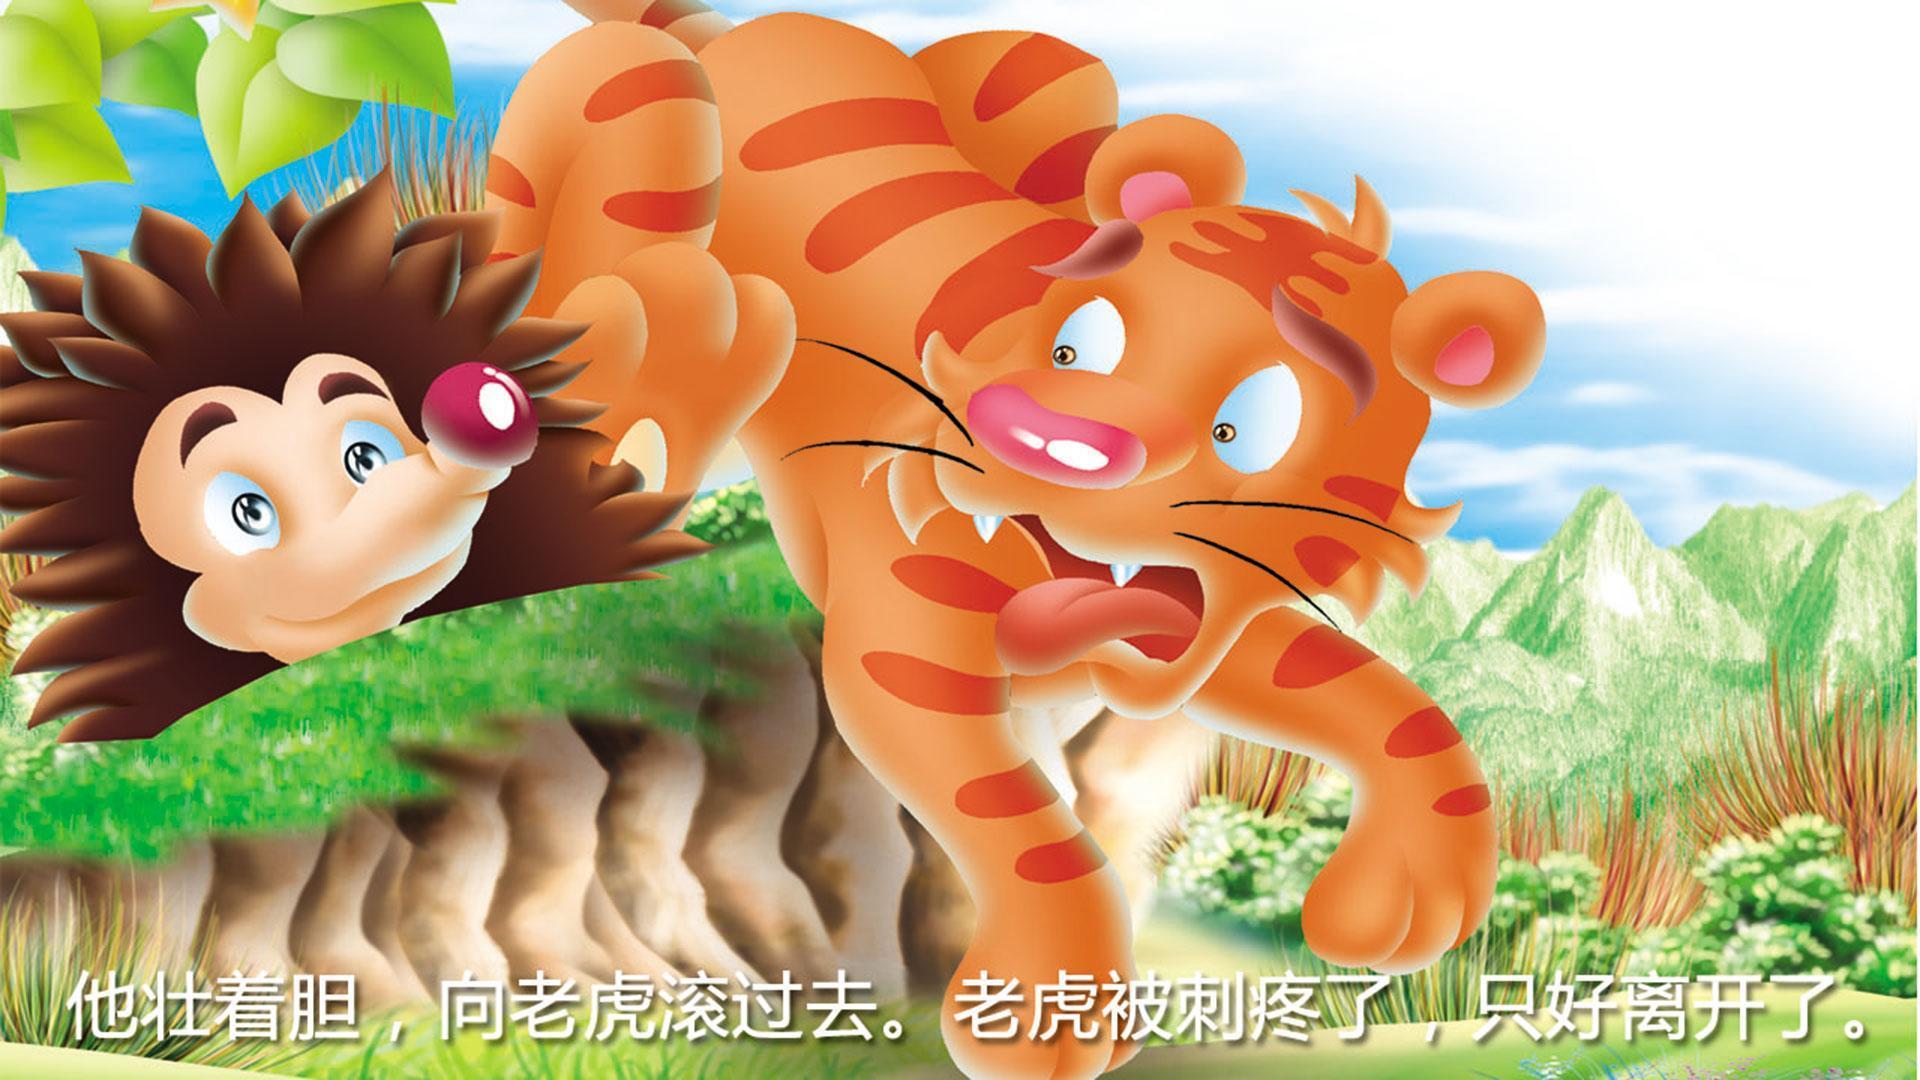 小刺猬与大老虎